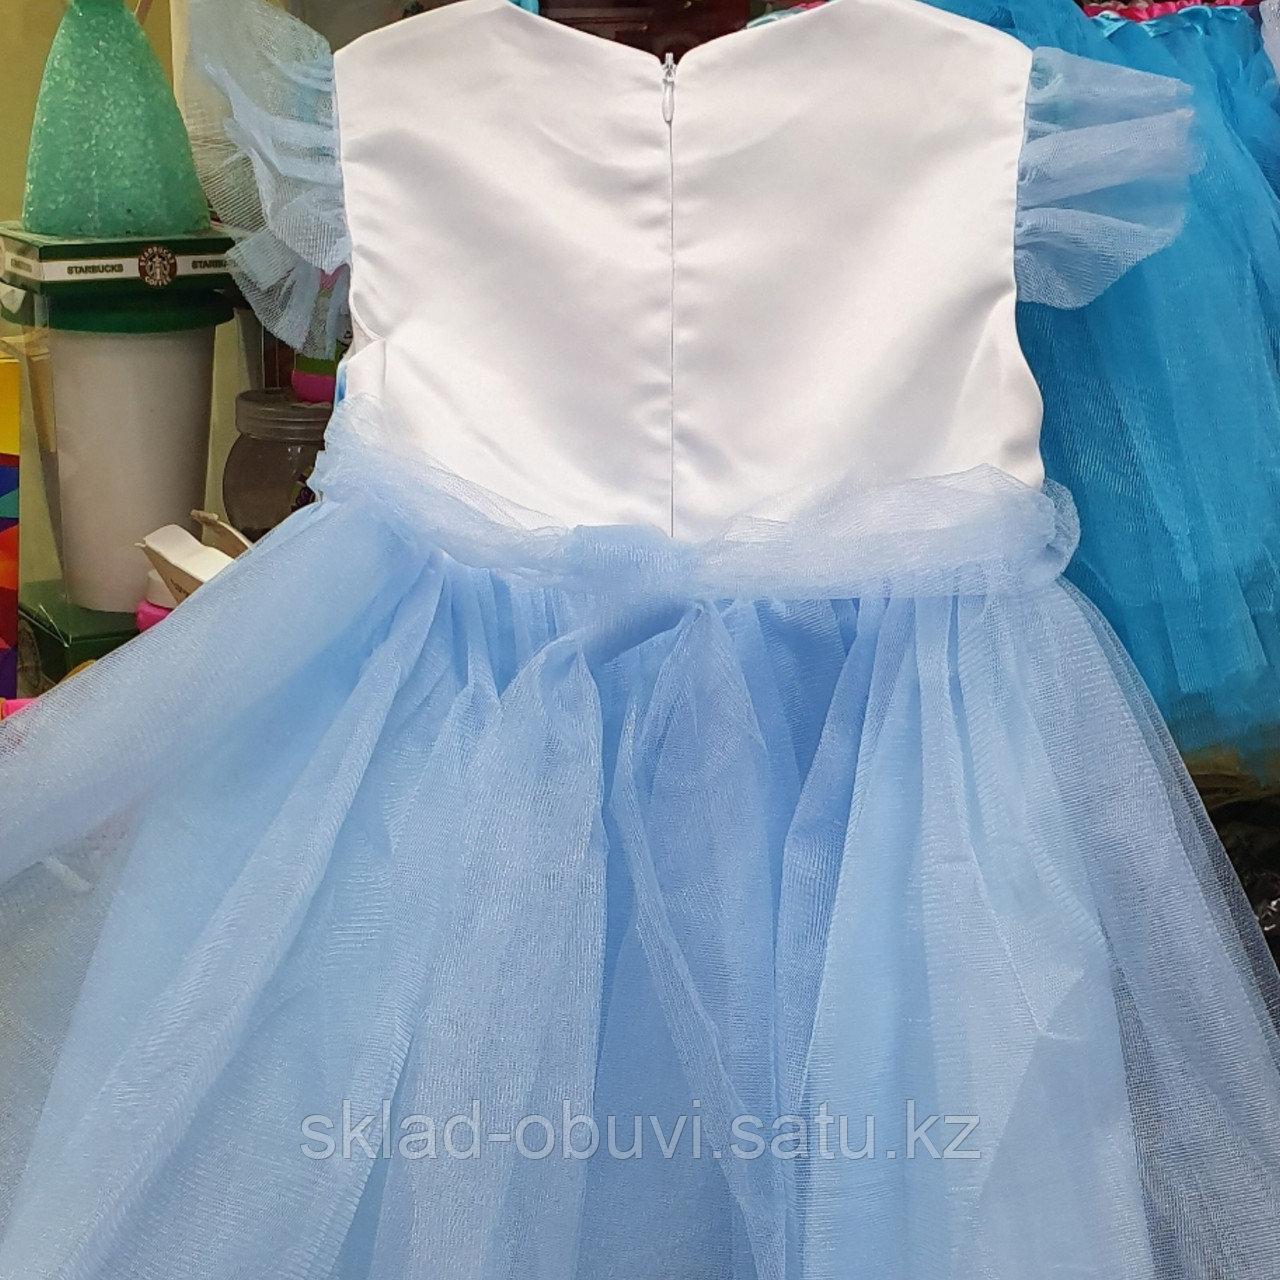 Детский новогодний костюм Эльзы - фото 3